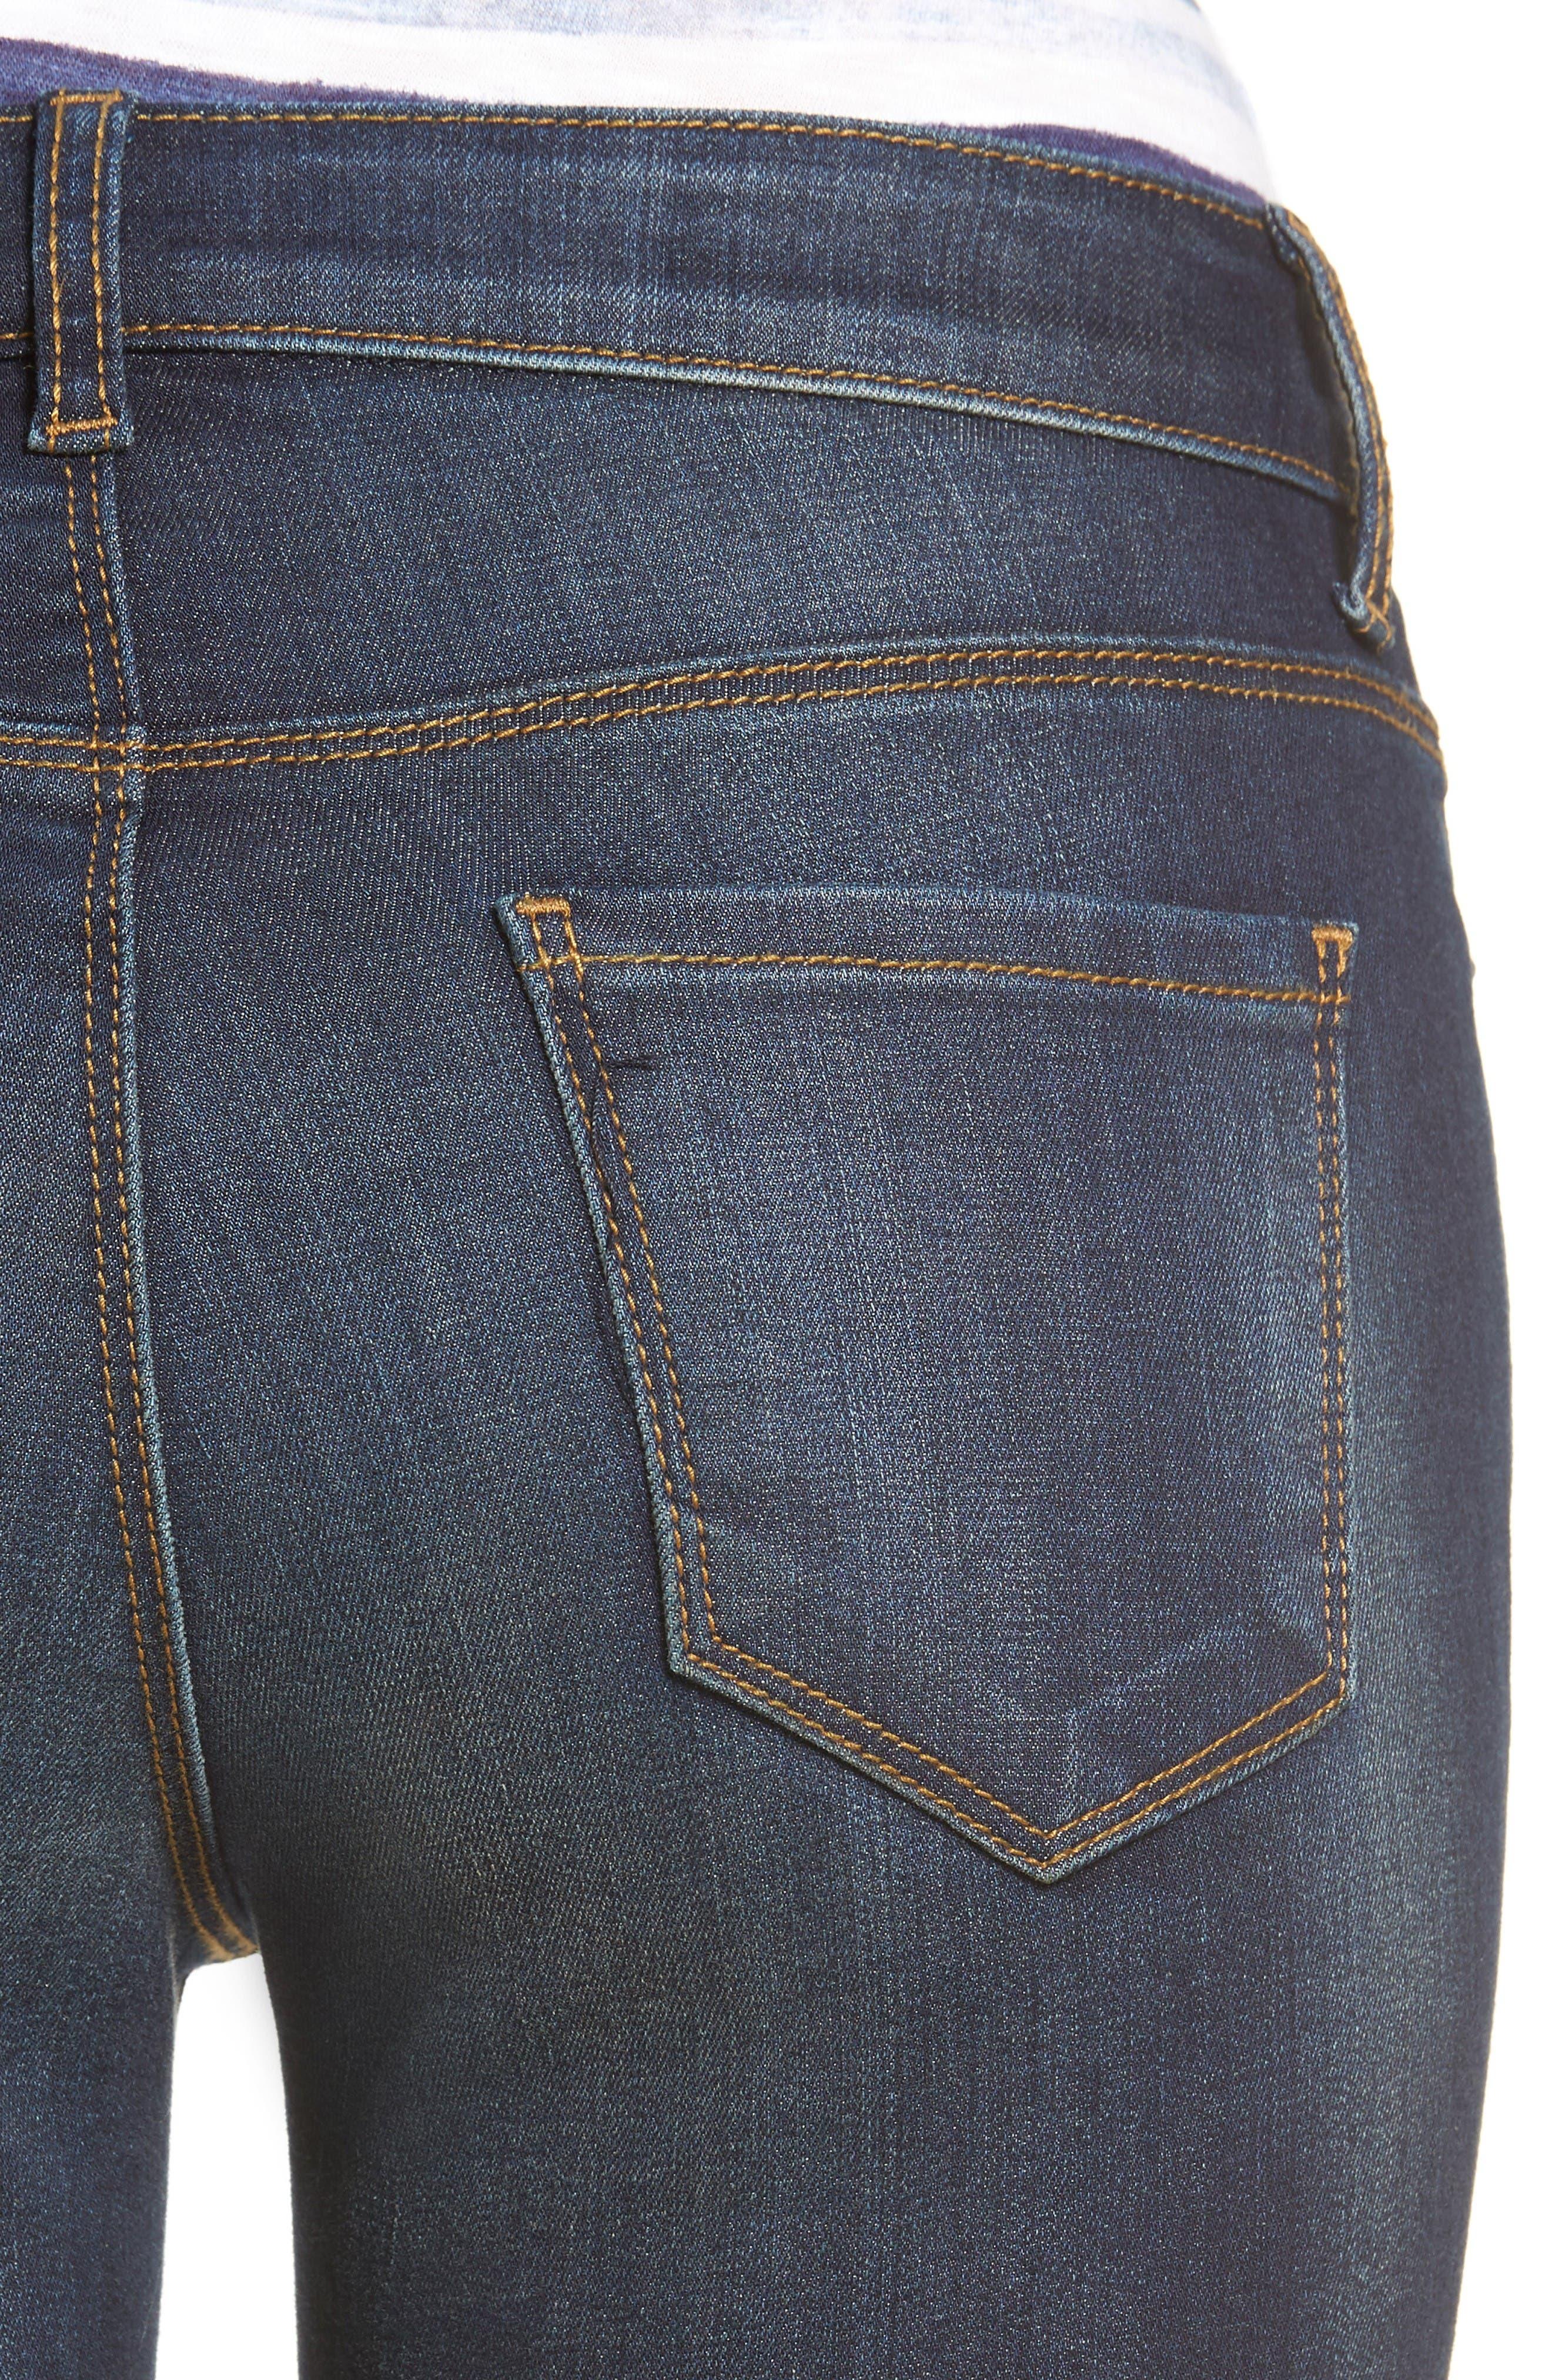 Alternate Image 4  - KUT from the Kloth Kurvy Ankle Skinny Jeans (Blinding)